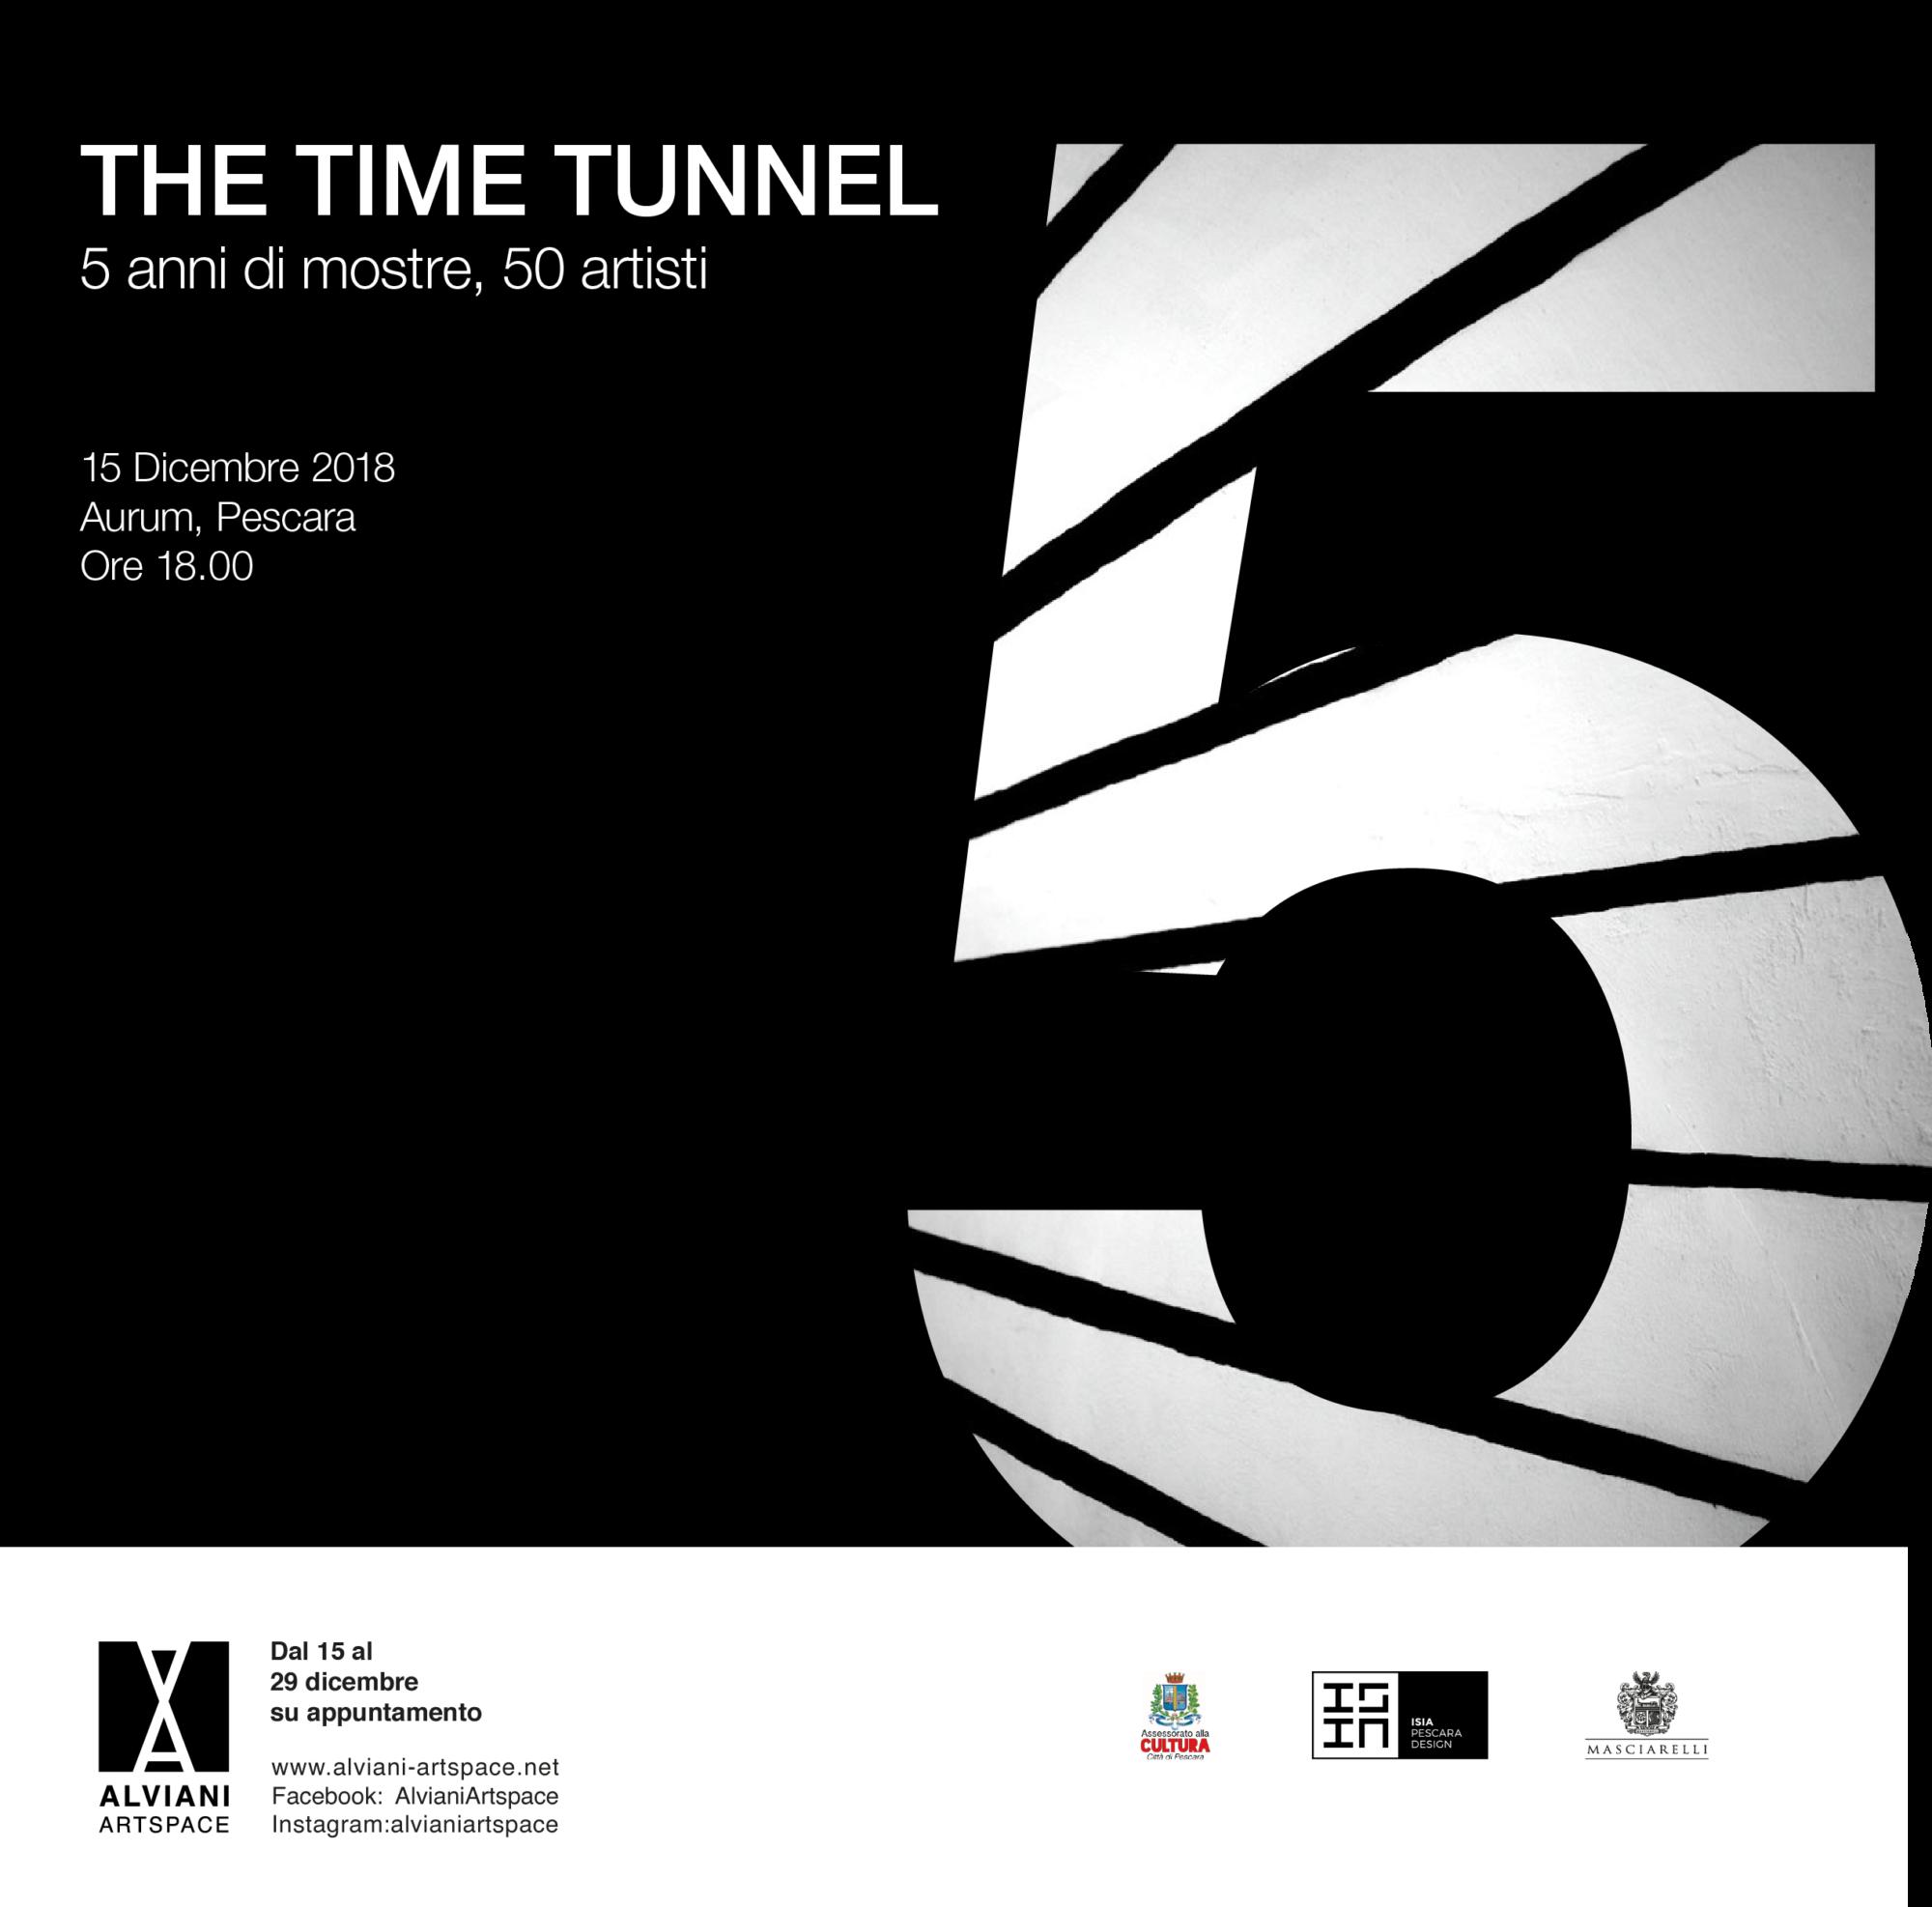 The Time Tunnel. 5 anni di mostre 50 artisti